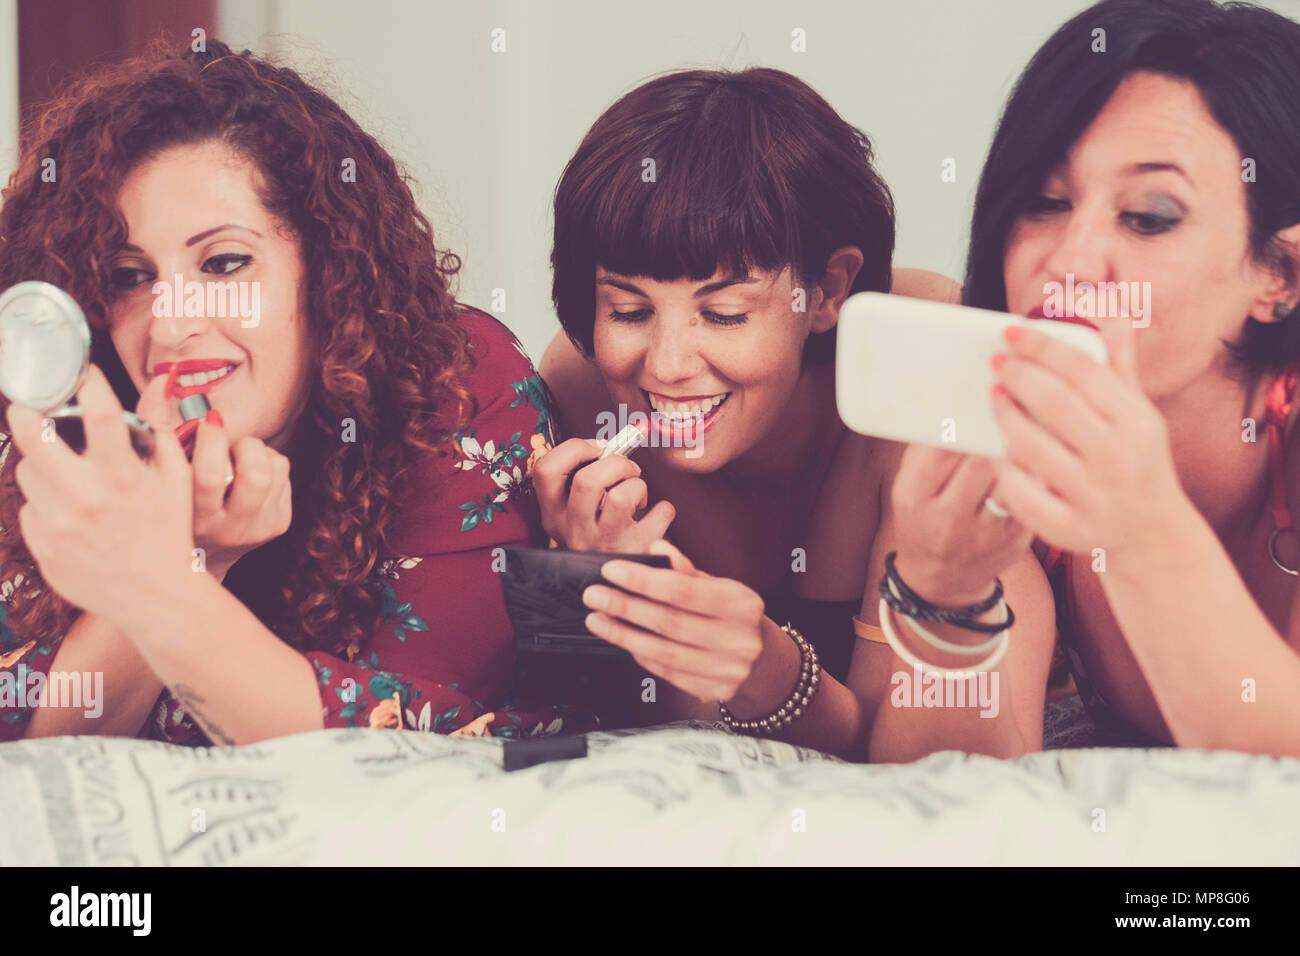 Drei Frauen Freunde bleiben zusammen, legte sich auf das Bett zu machen, bevor Sie weiter mit Party Nacht haben. Freundschaft Konzept einer von Ihnen eine mobile p Stockbild